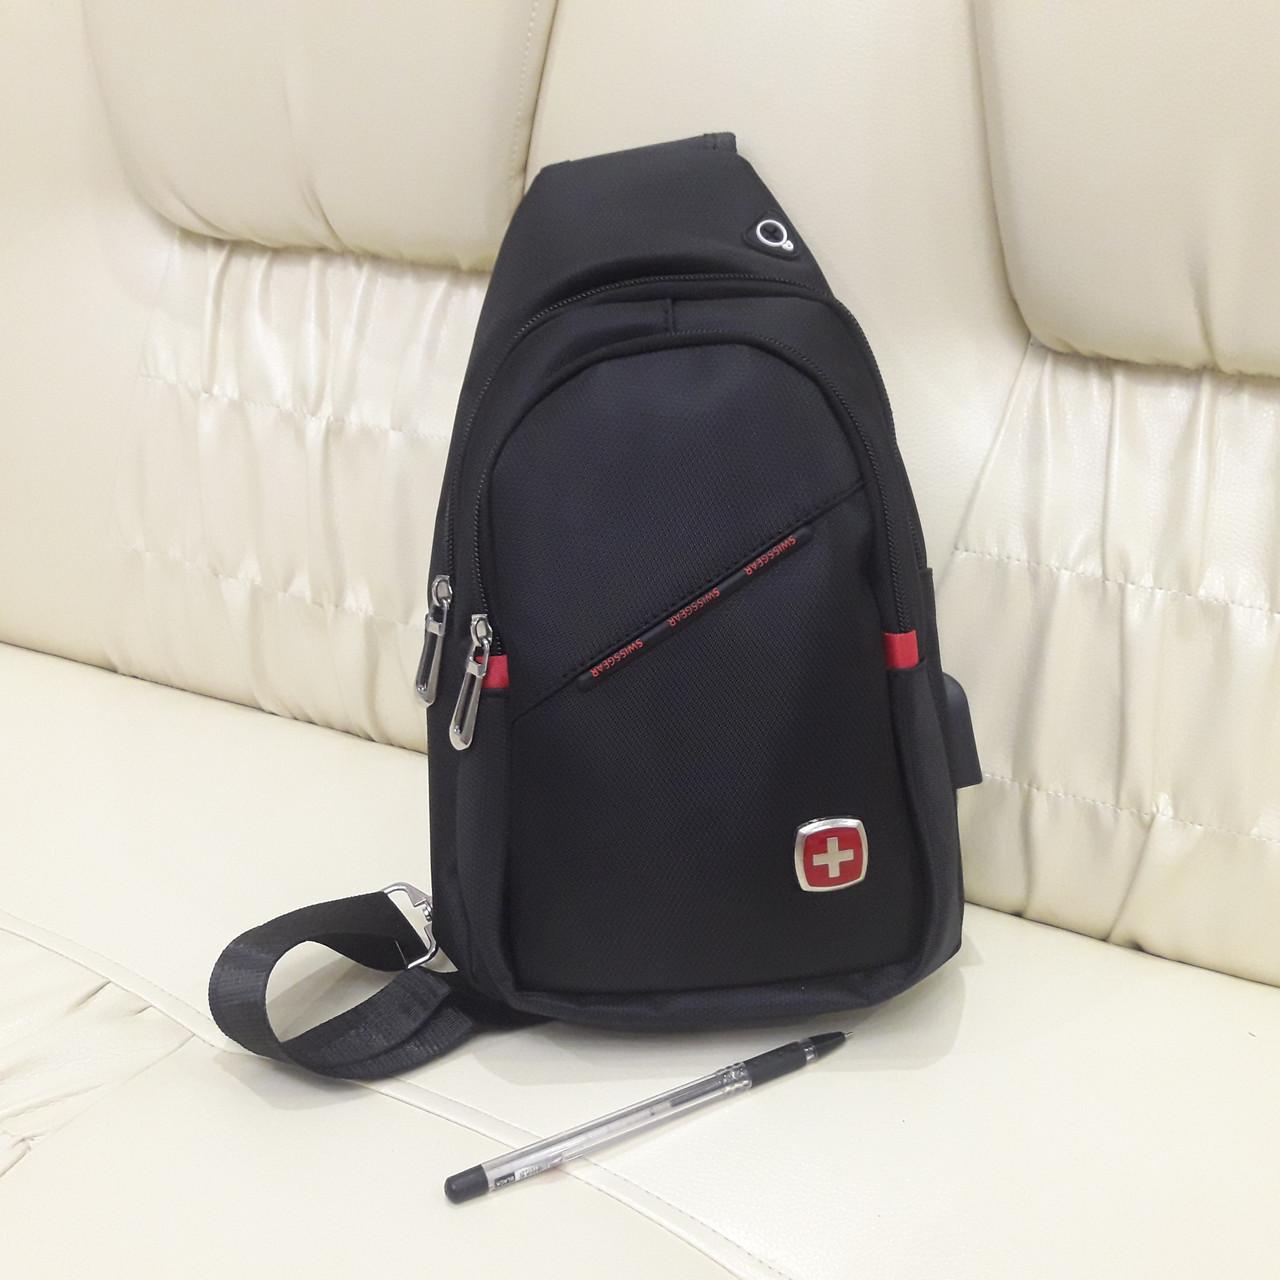 Молодежный повседневный рюкзак на одно плечо со слотом для гарнитуры